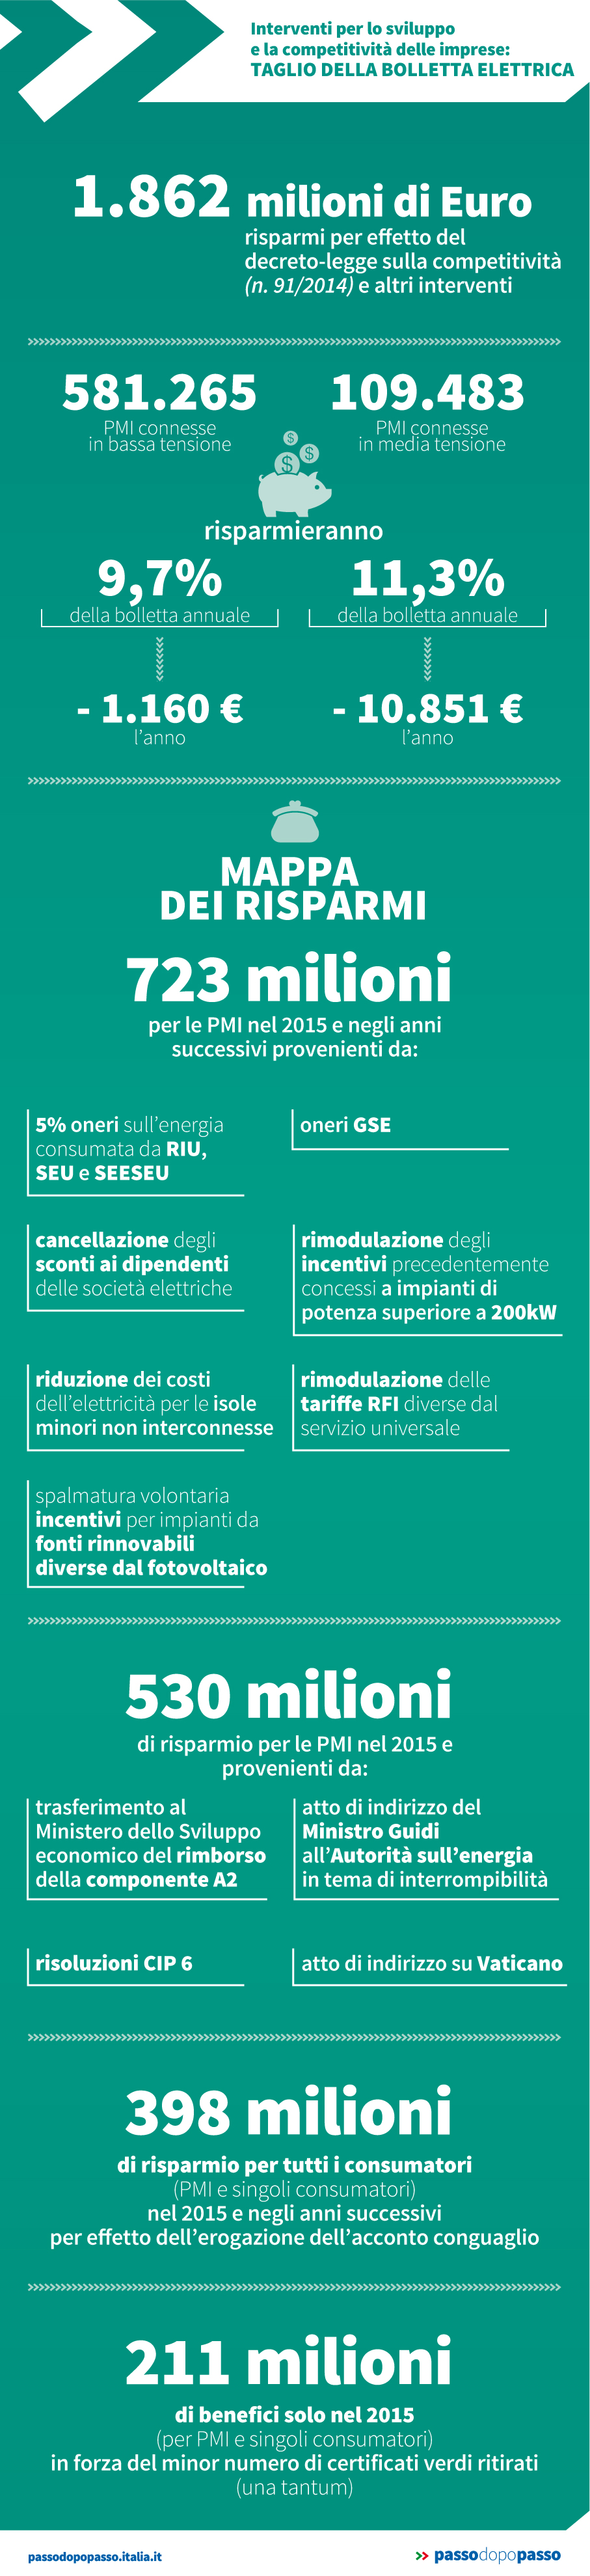 Infografica: Taglio della bolletta elettrica per le imprese